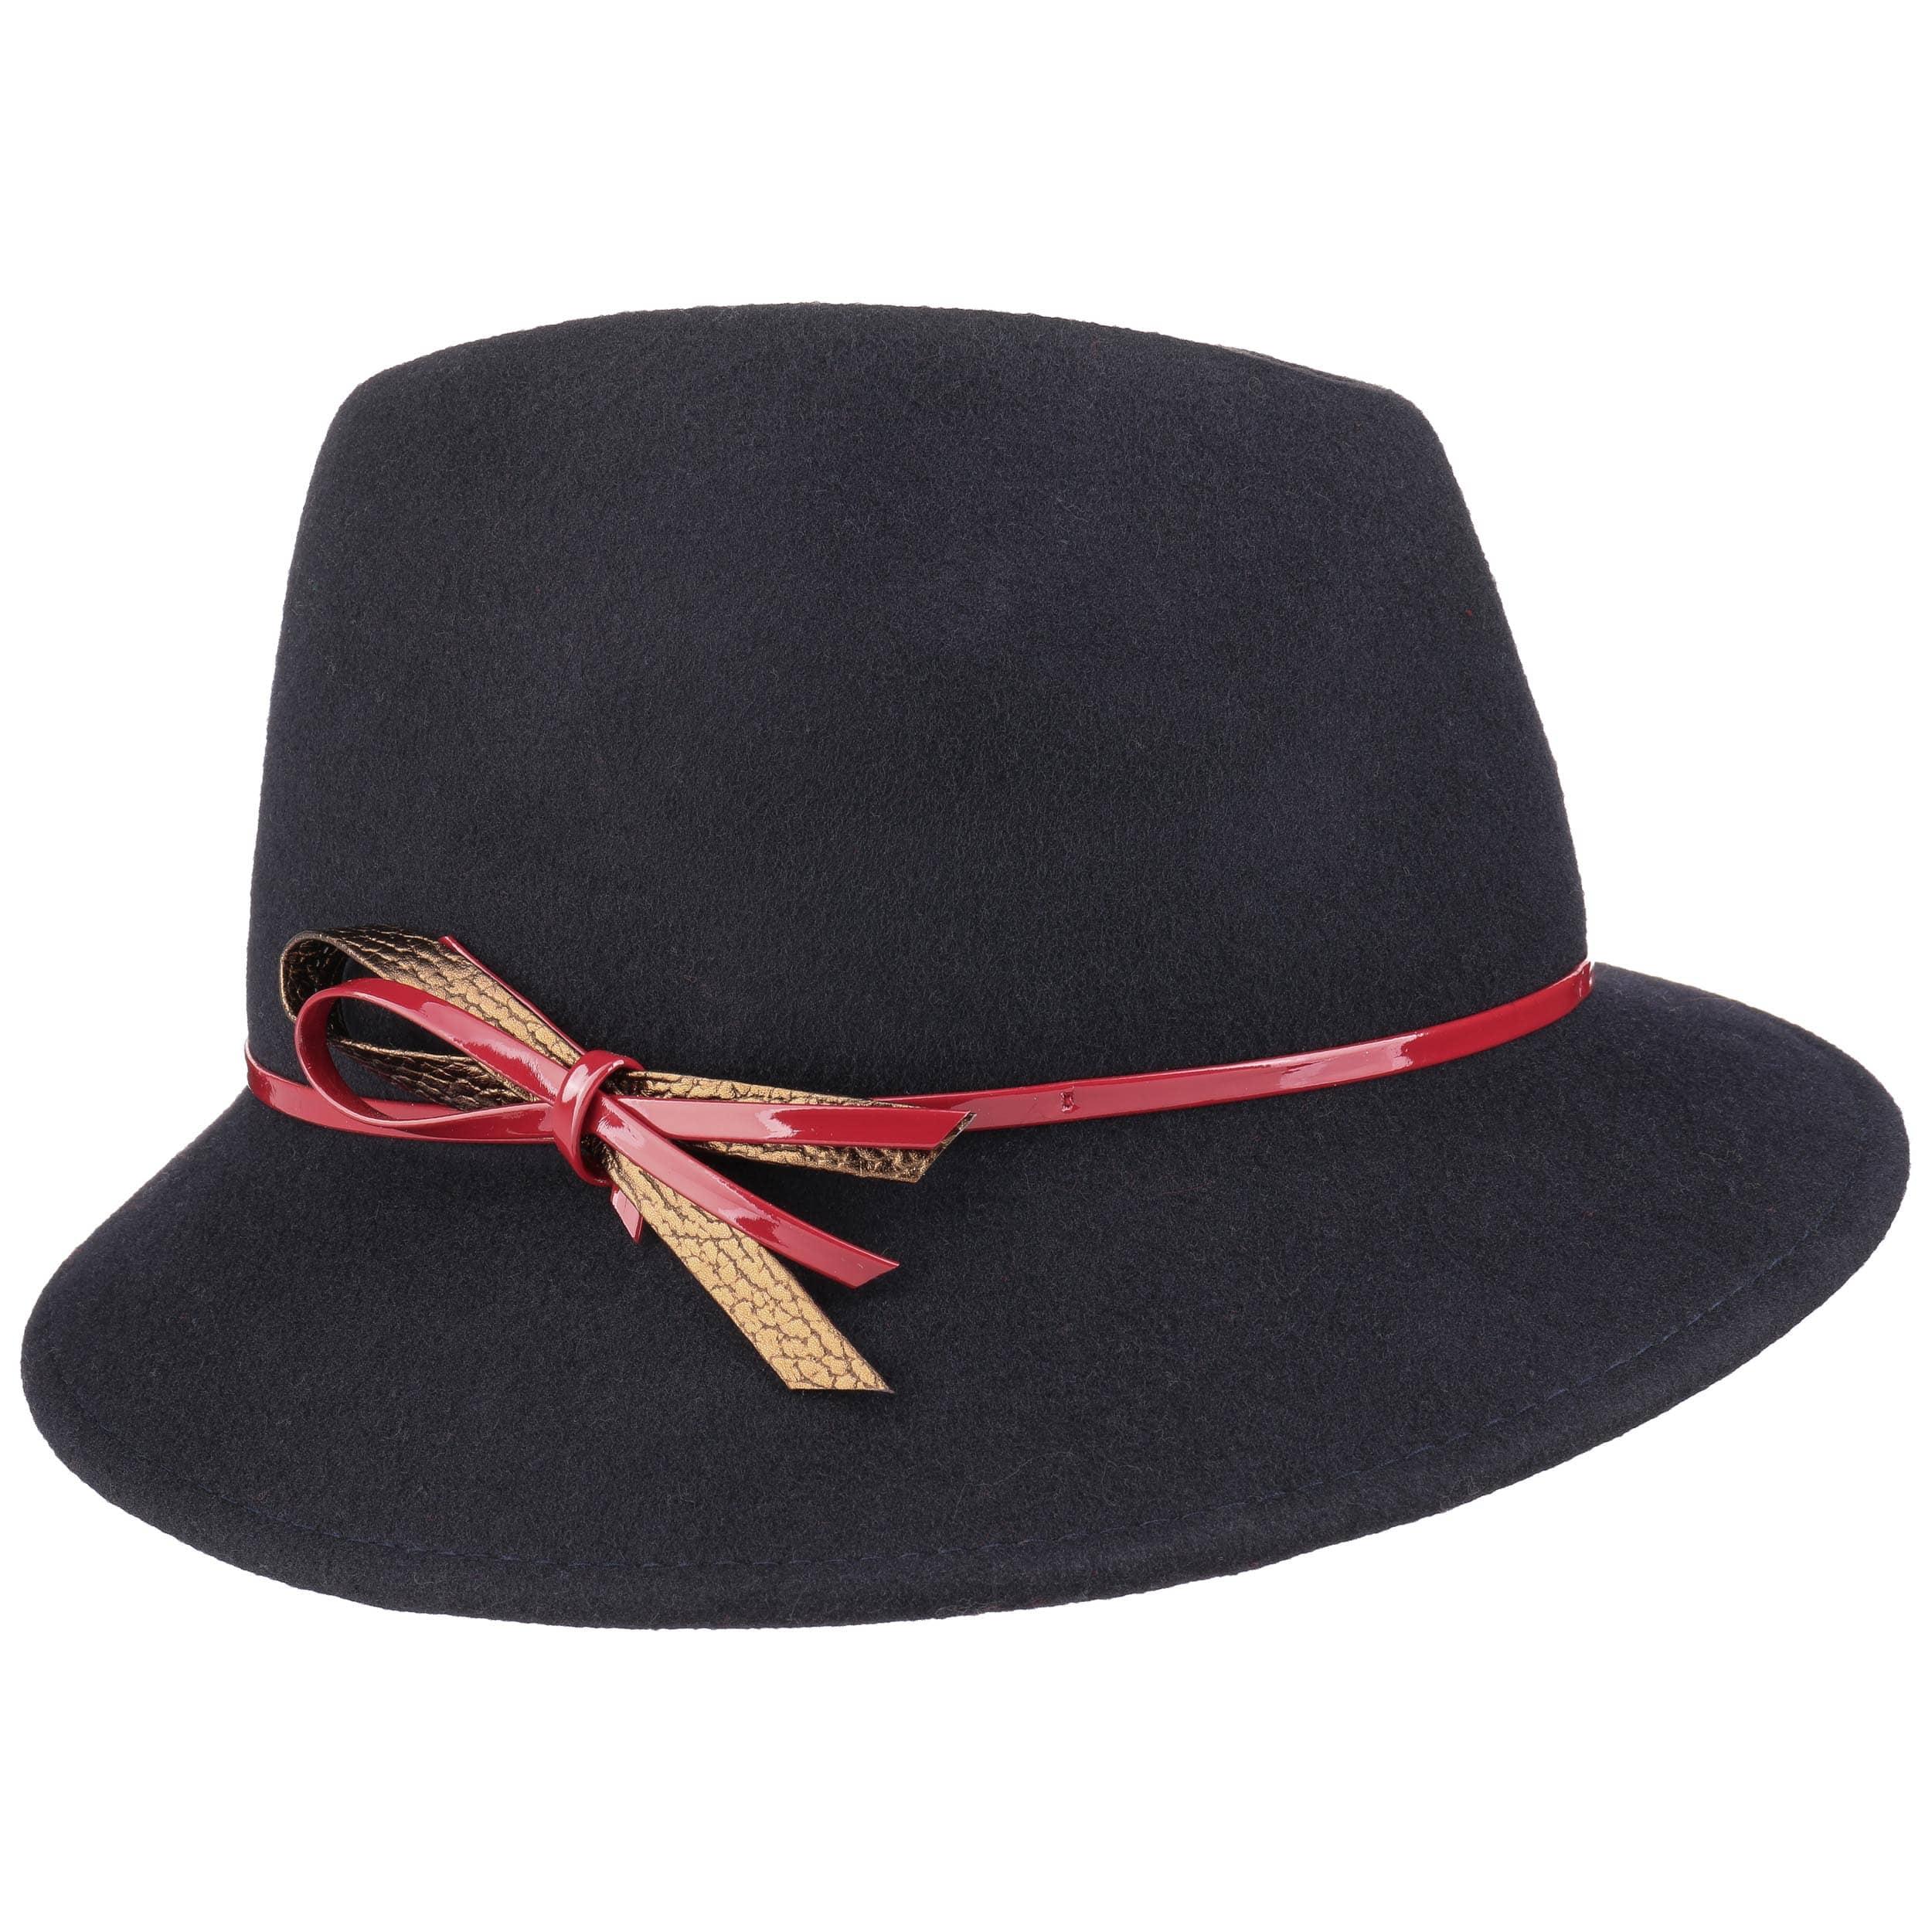 Sombrero Mujer con Lazo Lacado by Lierys - Sombreros - sombreroshop.es dc16e0d486f